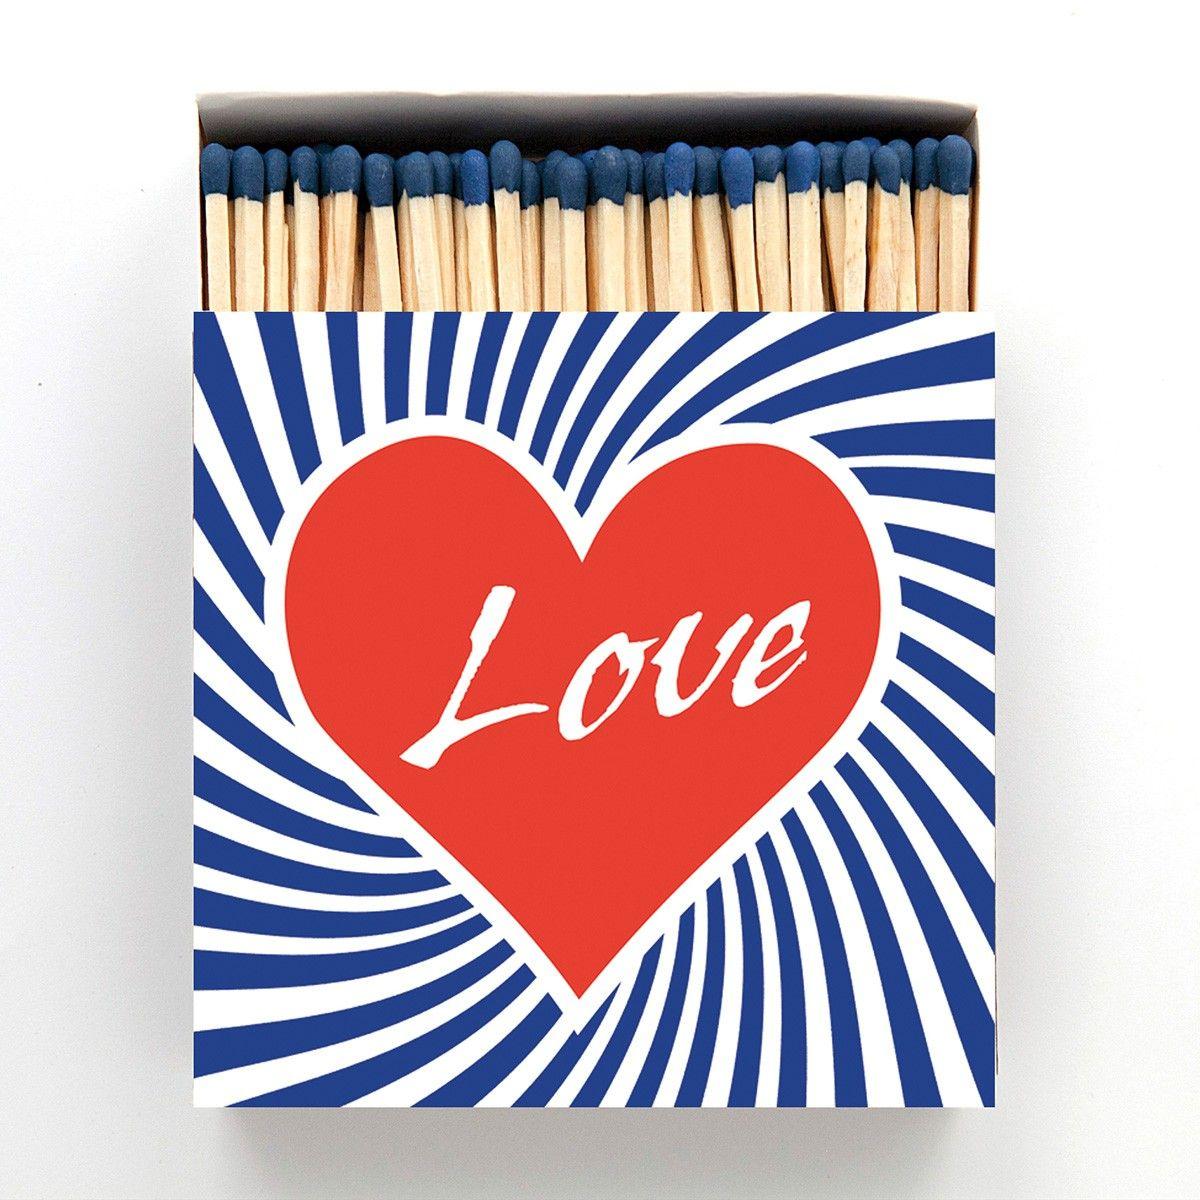 Boîte d'allumettes Brasso Love